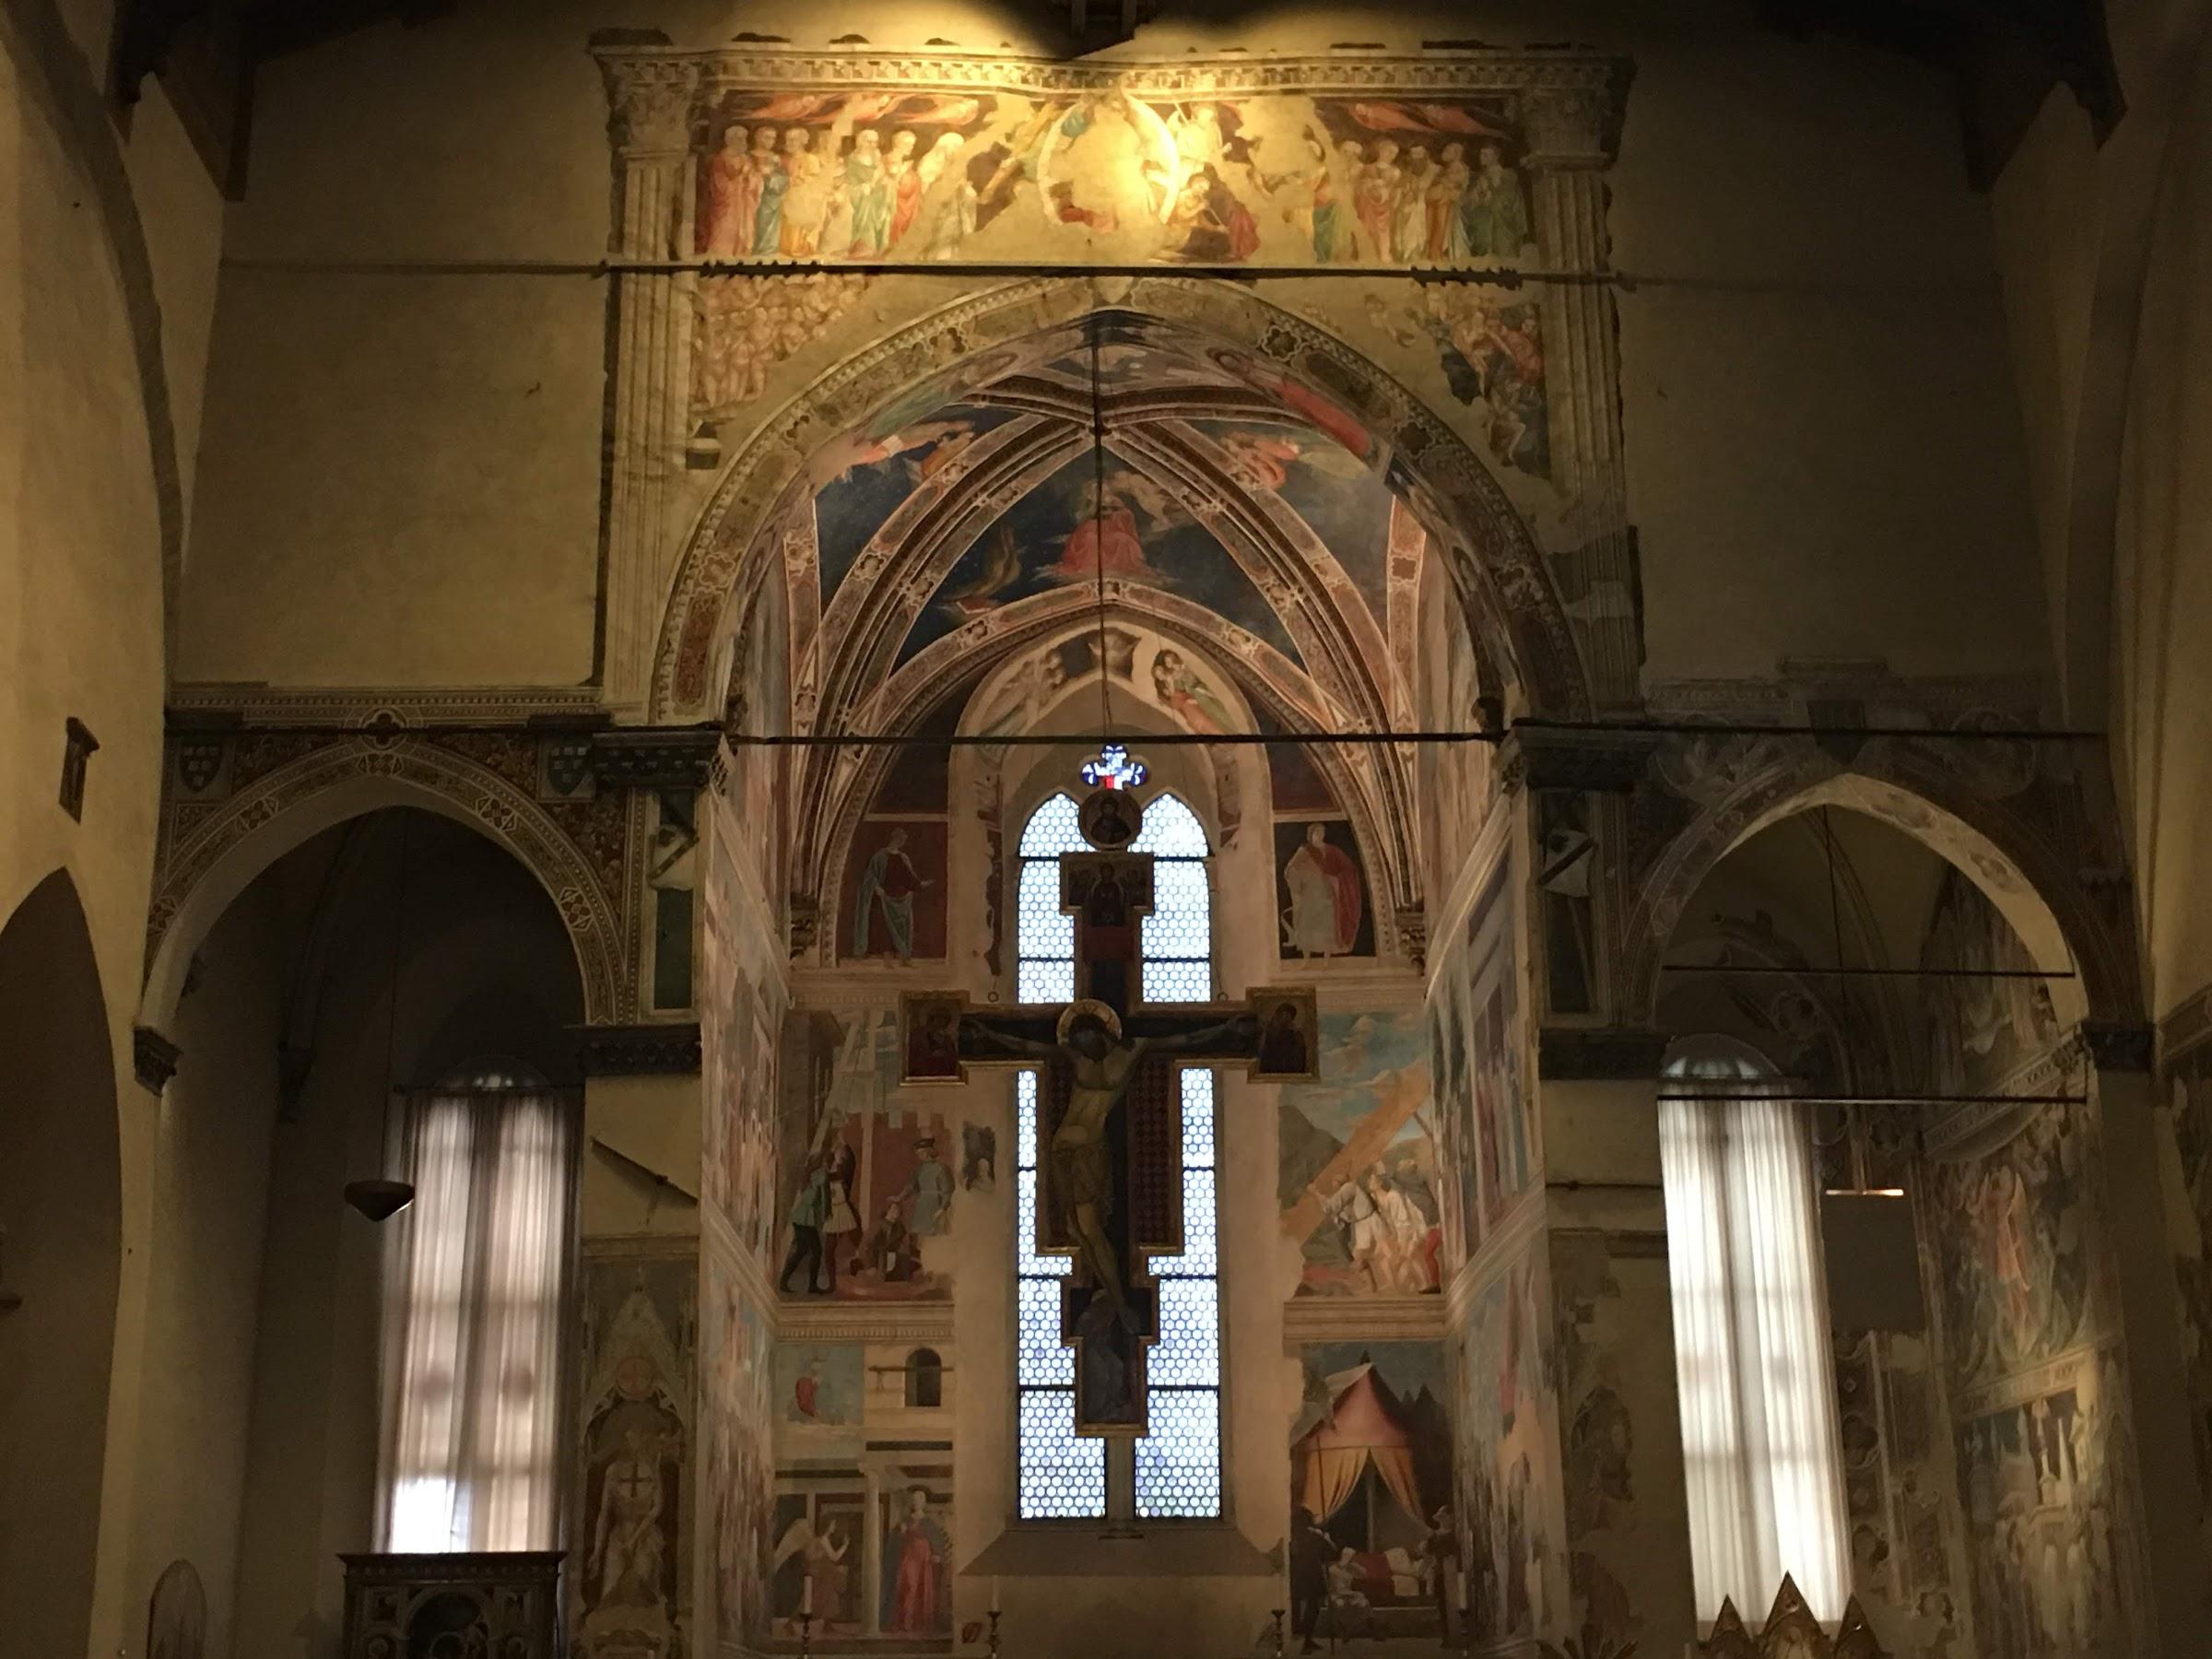 Interno della Basilica di San Francesco, Arezzo, con il Crocifisso del Maestro di San Francesco